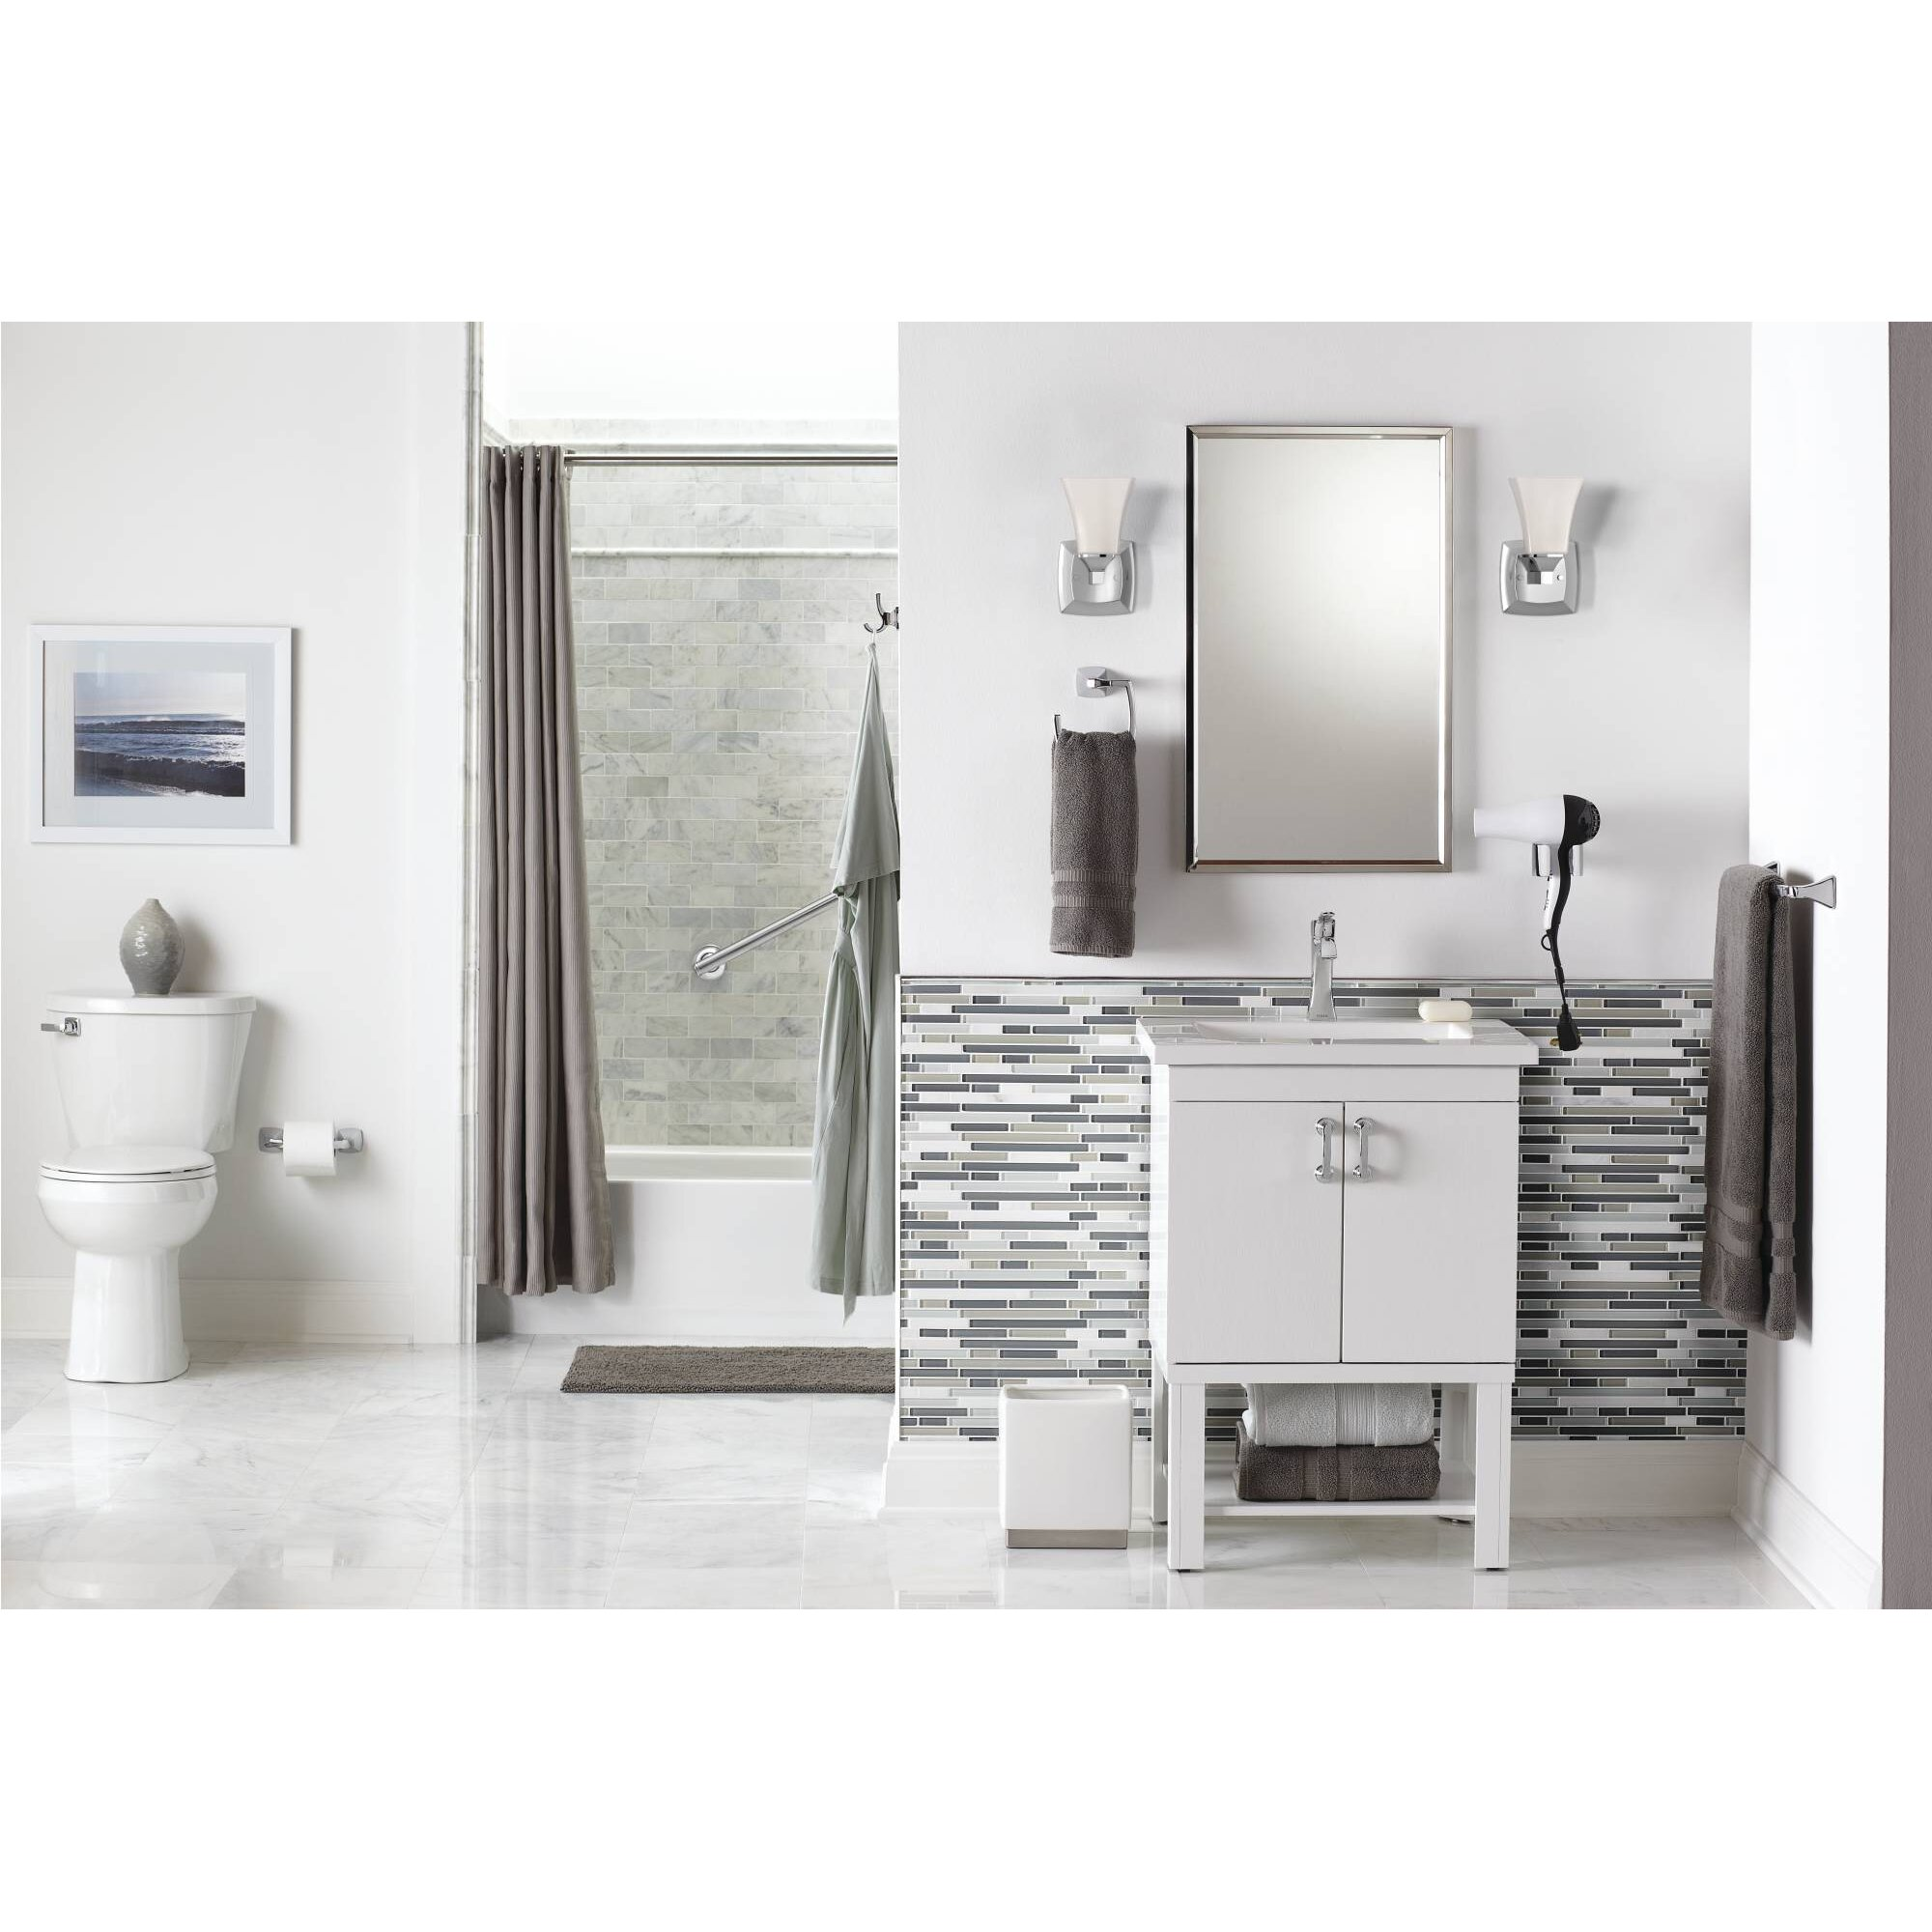 Voss bathroom furniture - Moen Voss 1 Light Bath Sconce Amp Reviews Wayfair